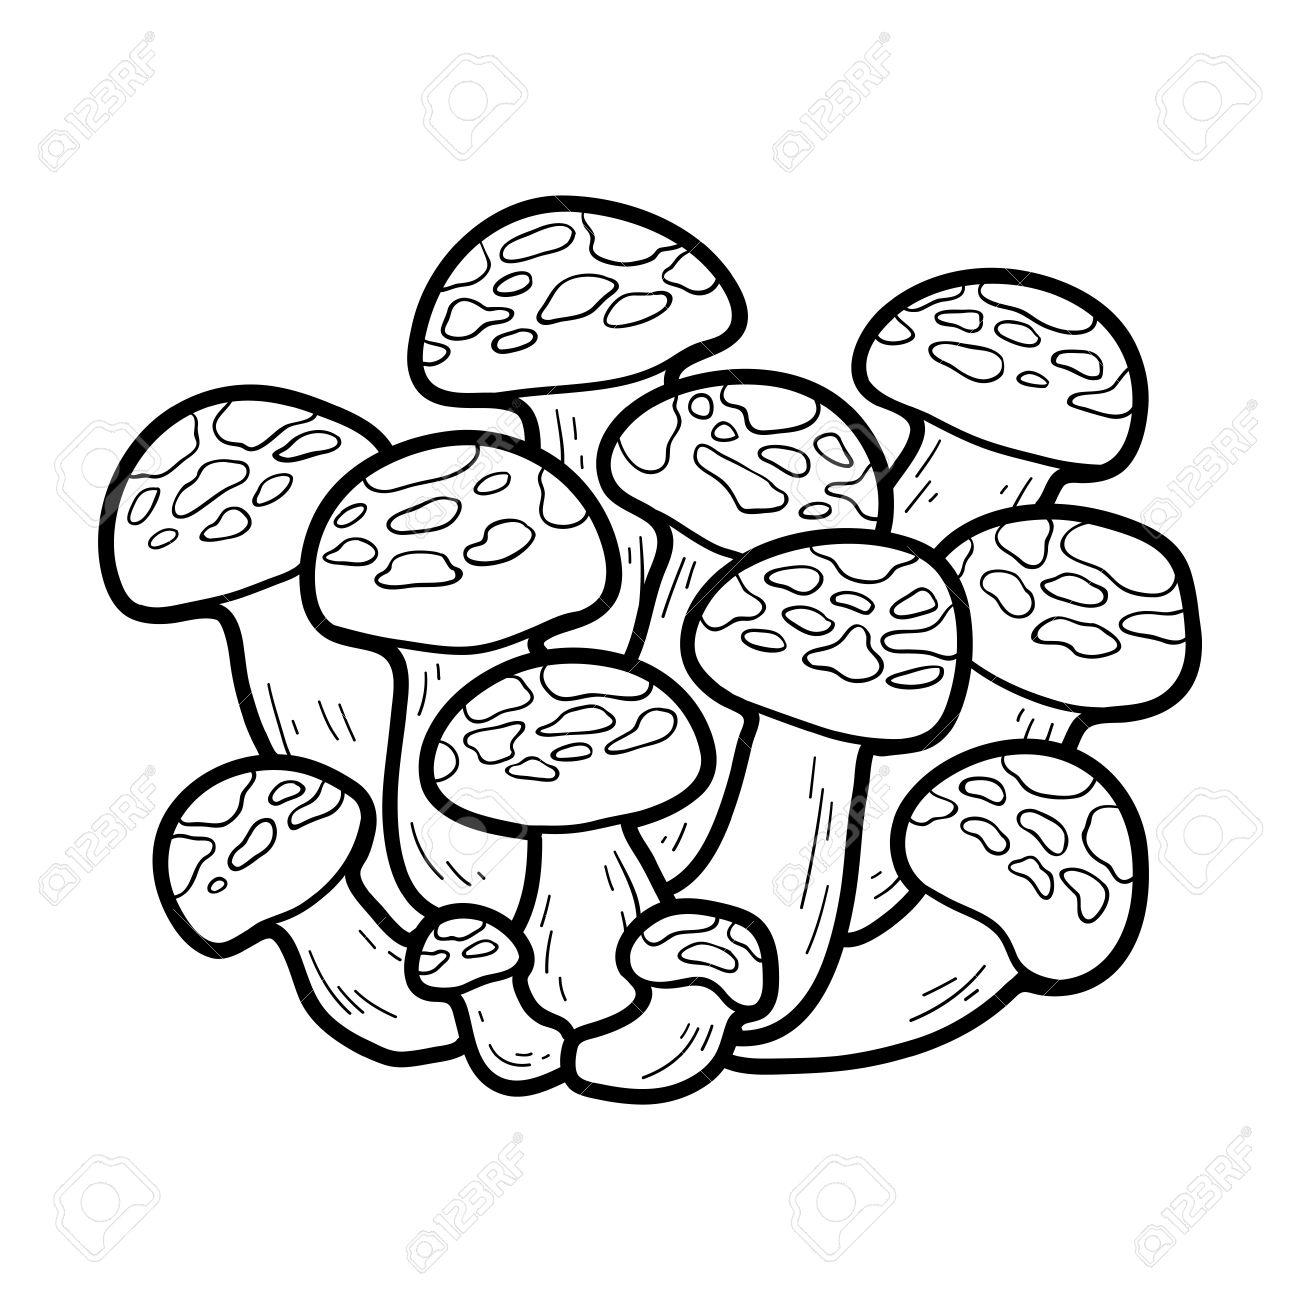 Malbuch Für Kinder. Japanische Essbare Pilze, Bunashimeji Lizenzfrei ...